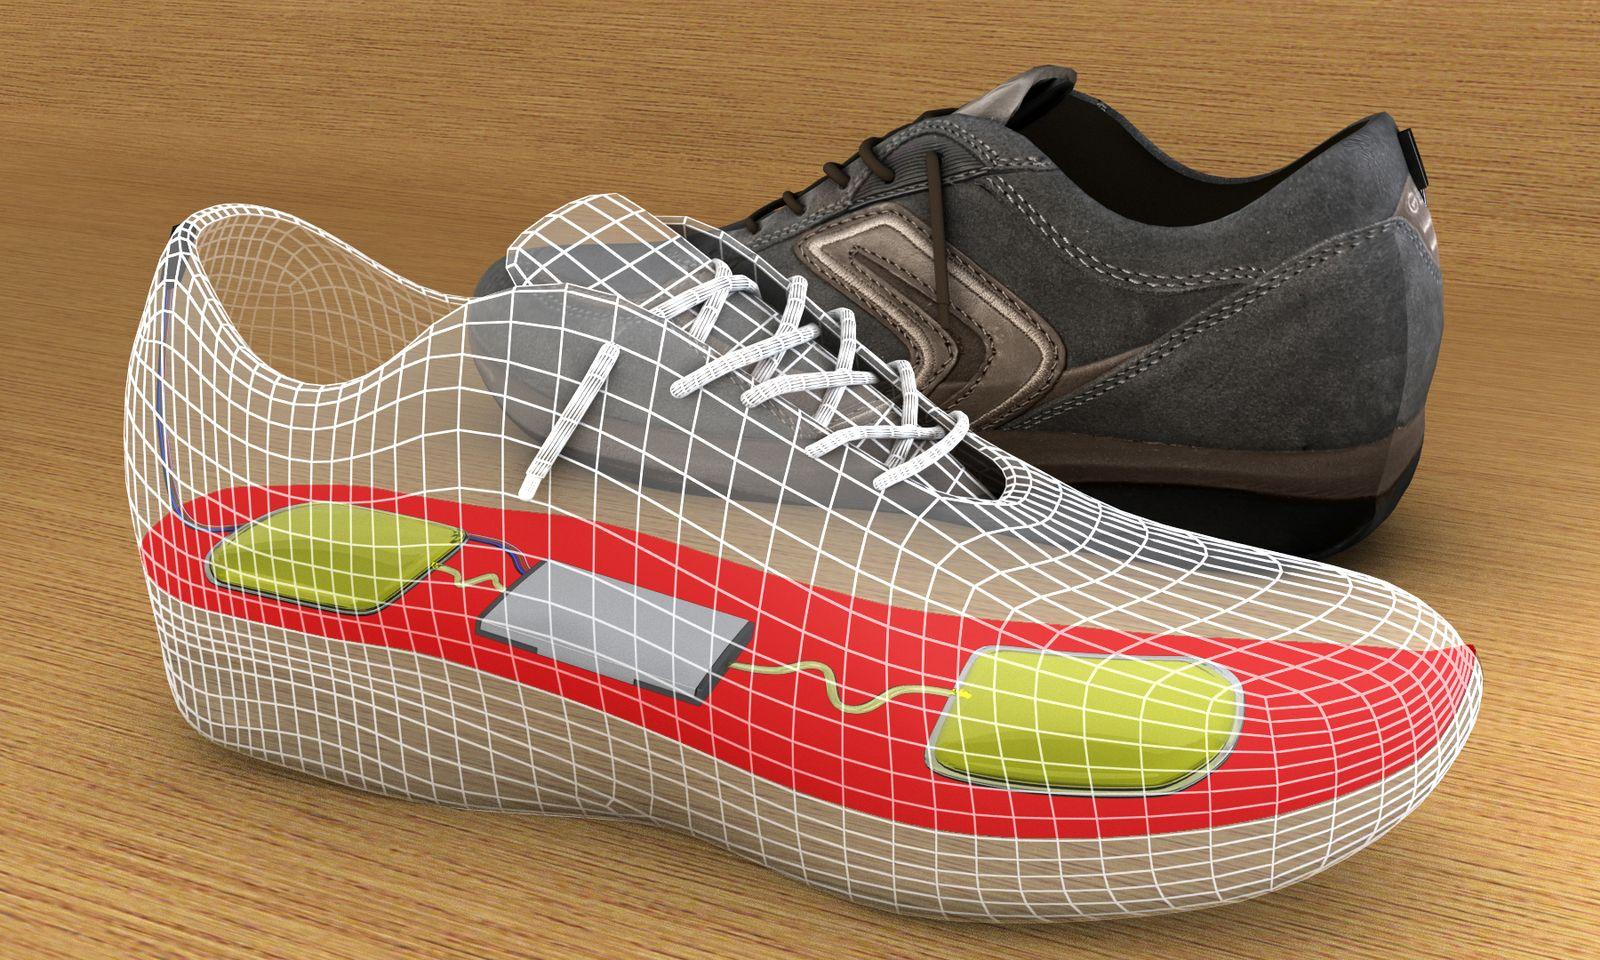 NICHT VERWENDEN Strom aus Schuhsohlen